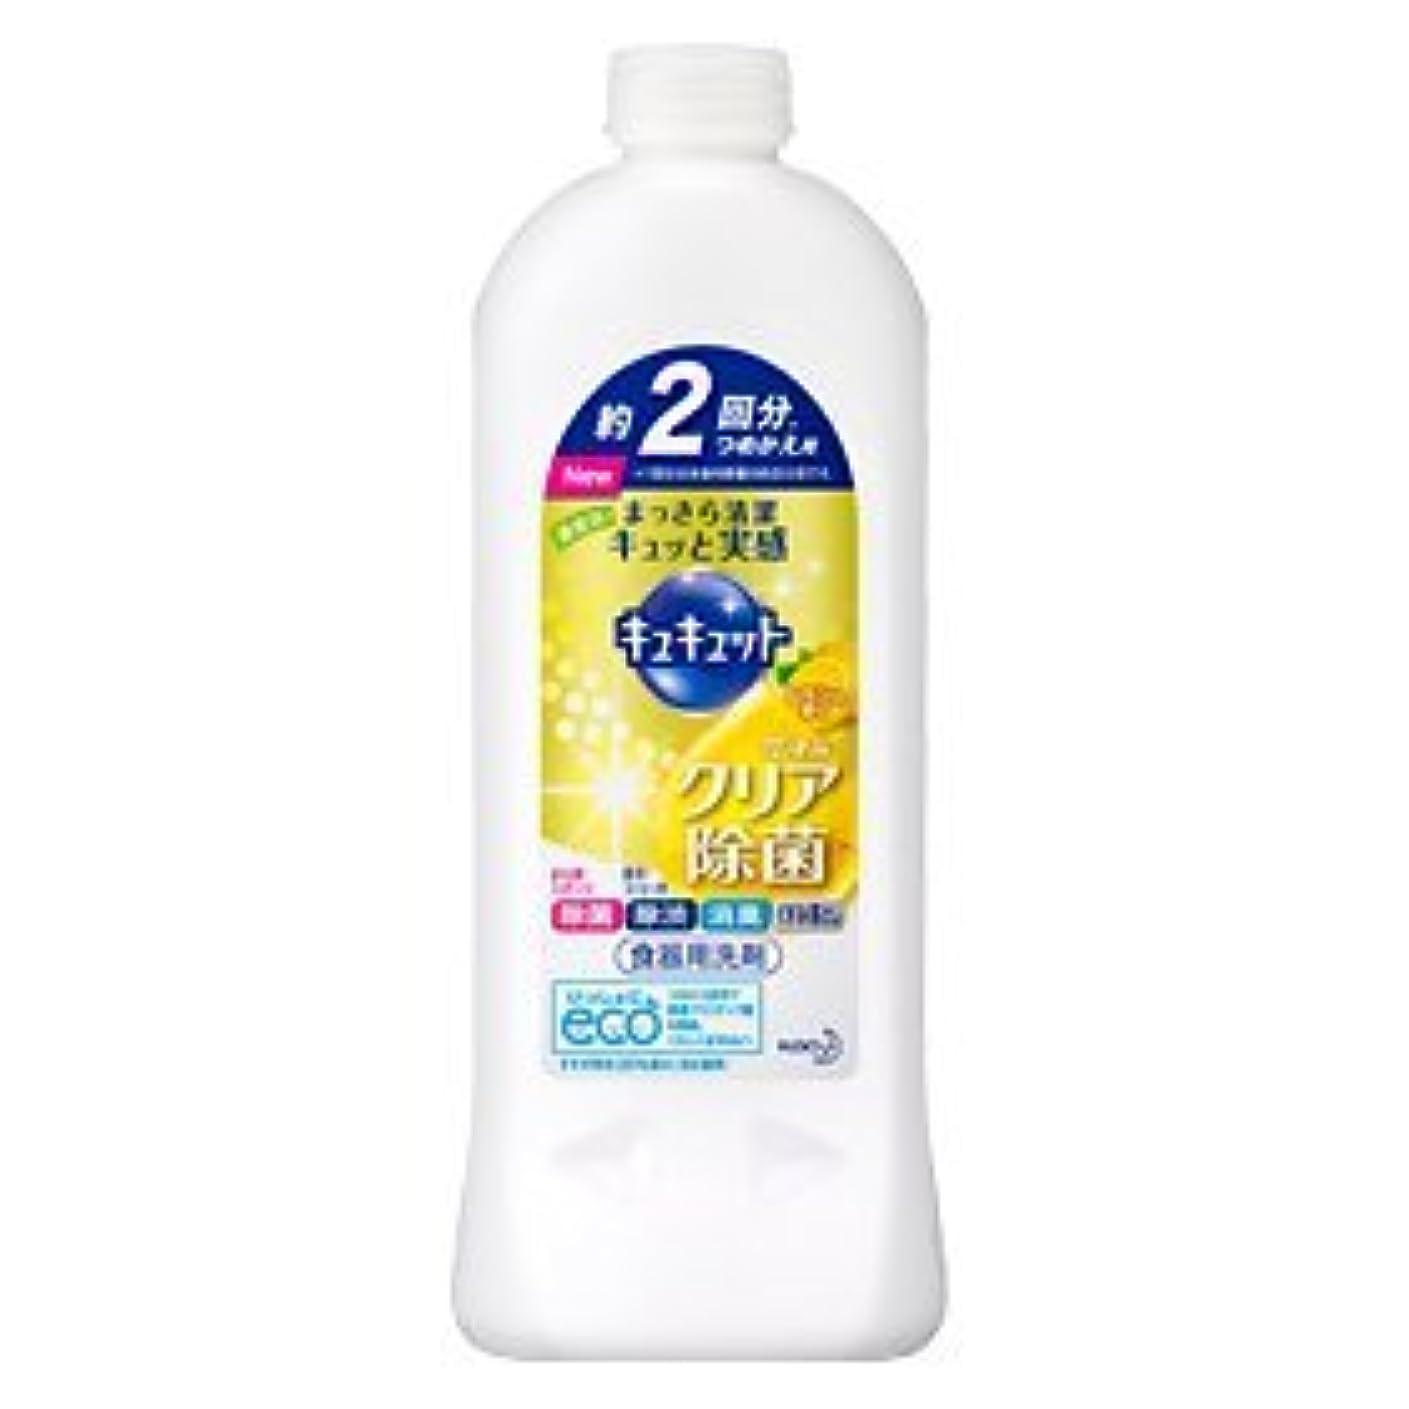 シンク部分書く花王 キュキュット クリア除菌 レモンの香り 詰替 385ML Japan